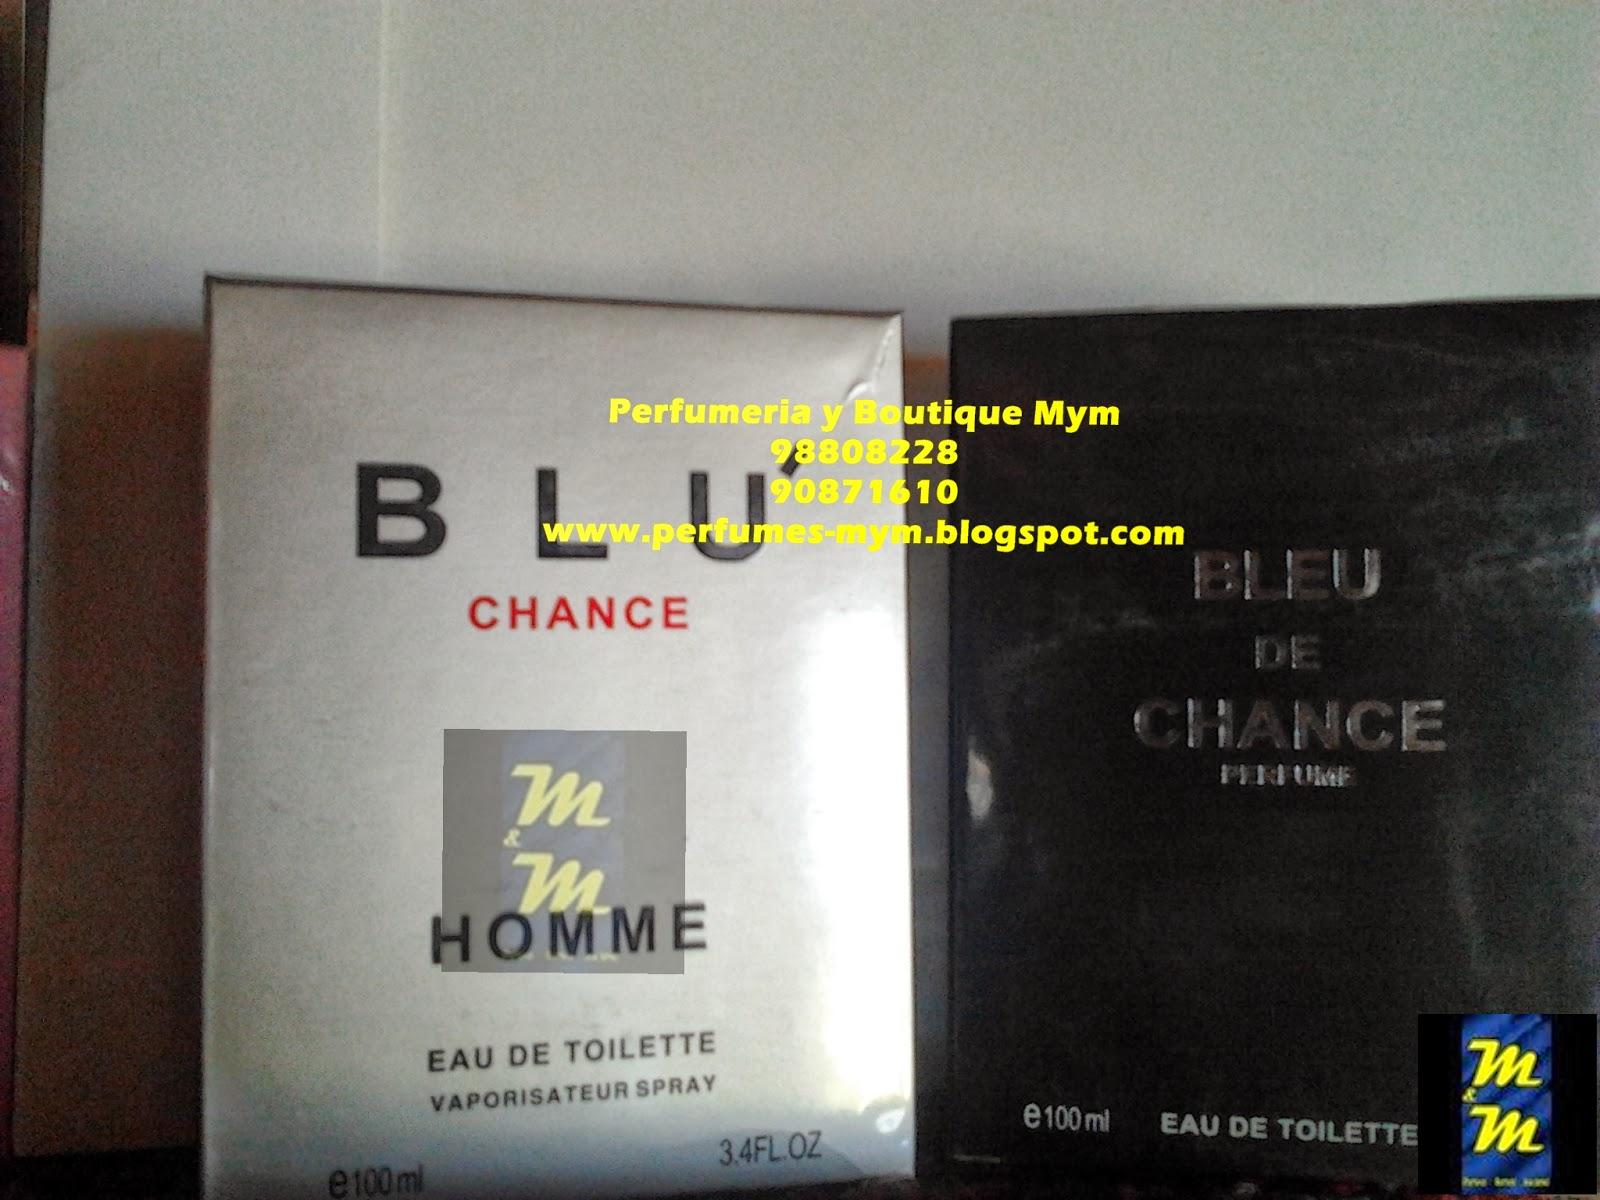 perfume blu y bleu de chance